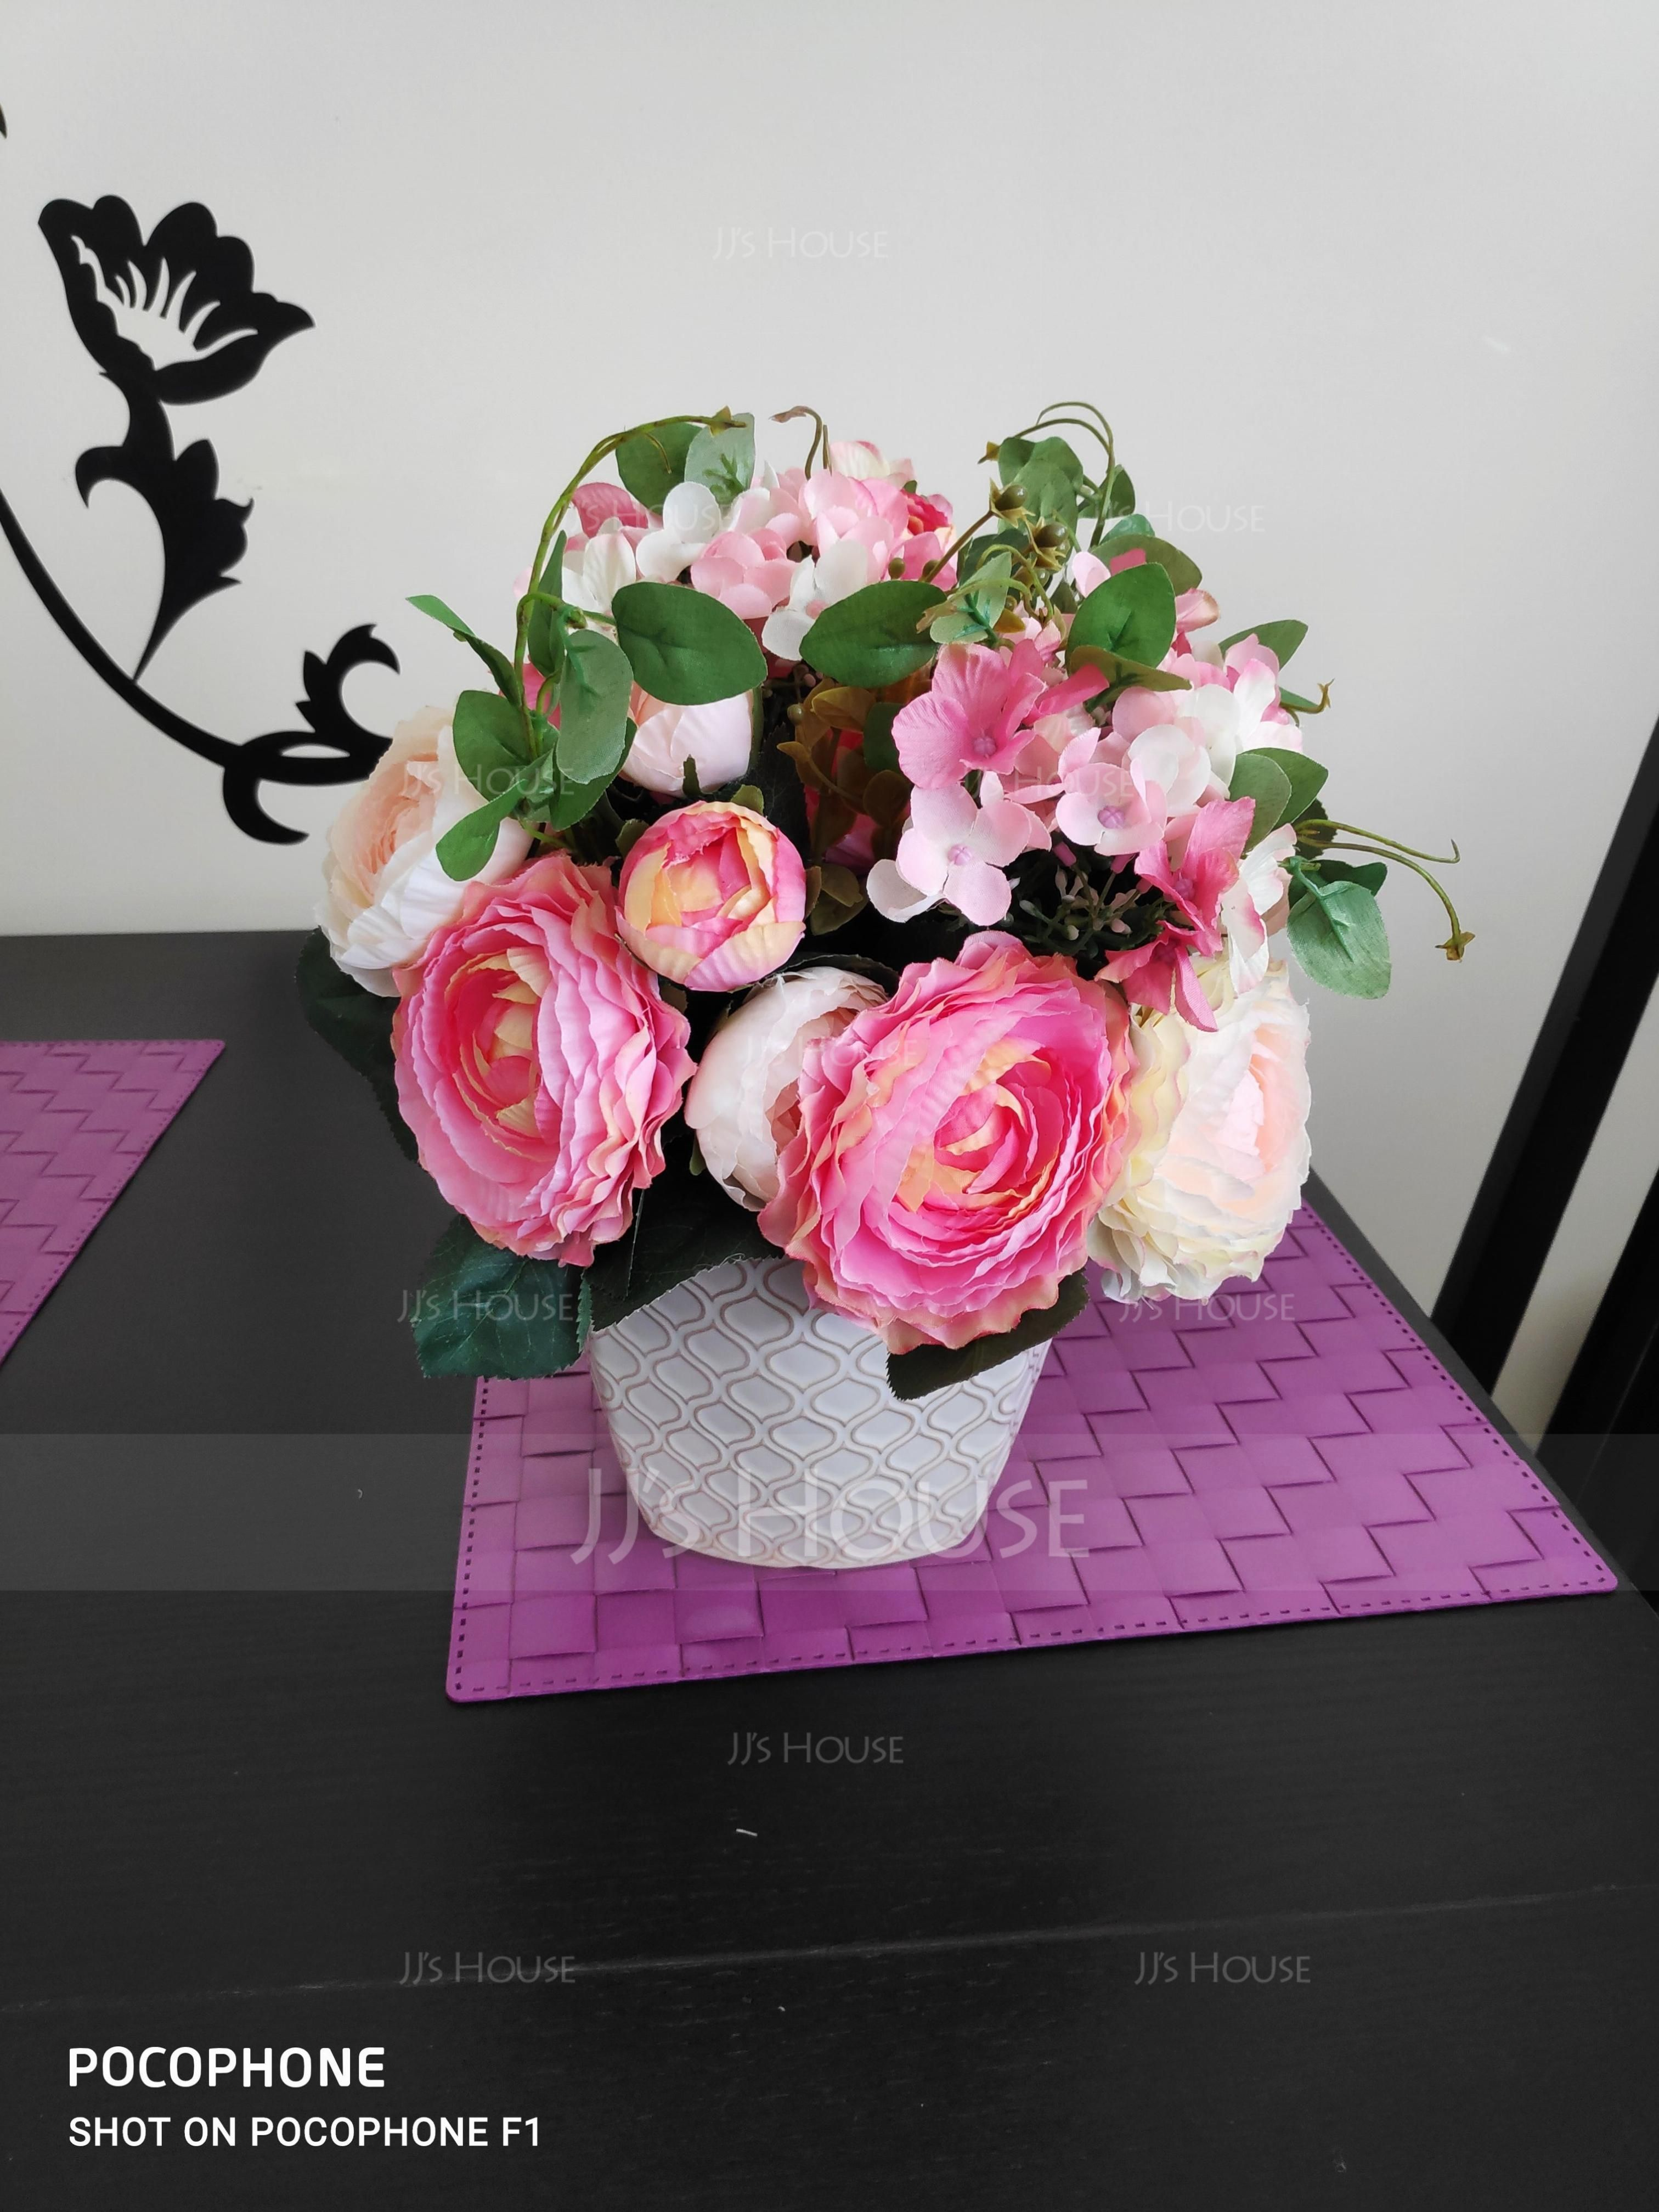 シンプル/クラシック 美しい花 シルクフラワー 人工花